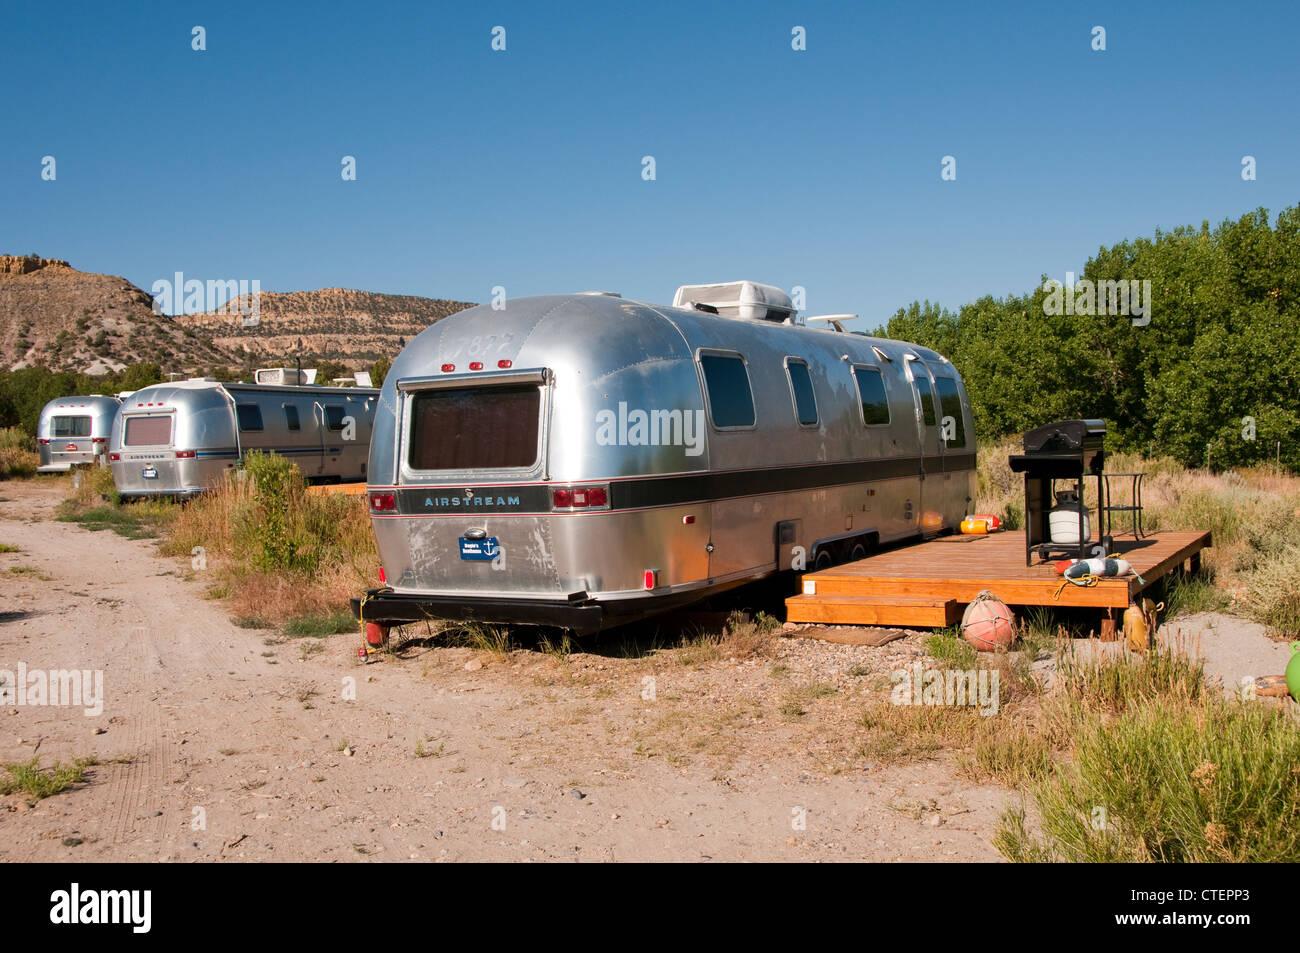 USA, Utah, klassische Airstream Wohnwagen als Unterkunft bei dem Shooting Star Drive-In in Escalante. Stockbild